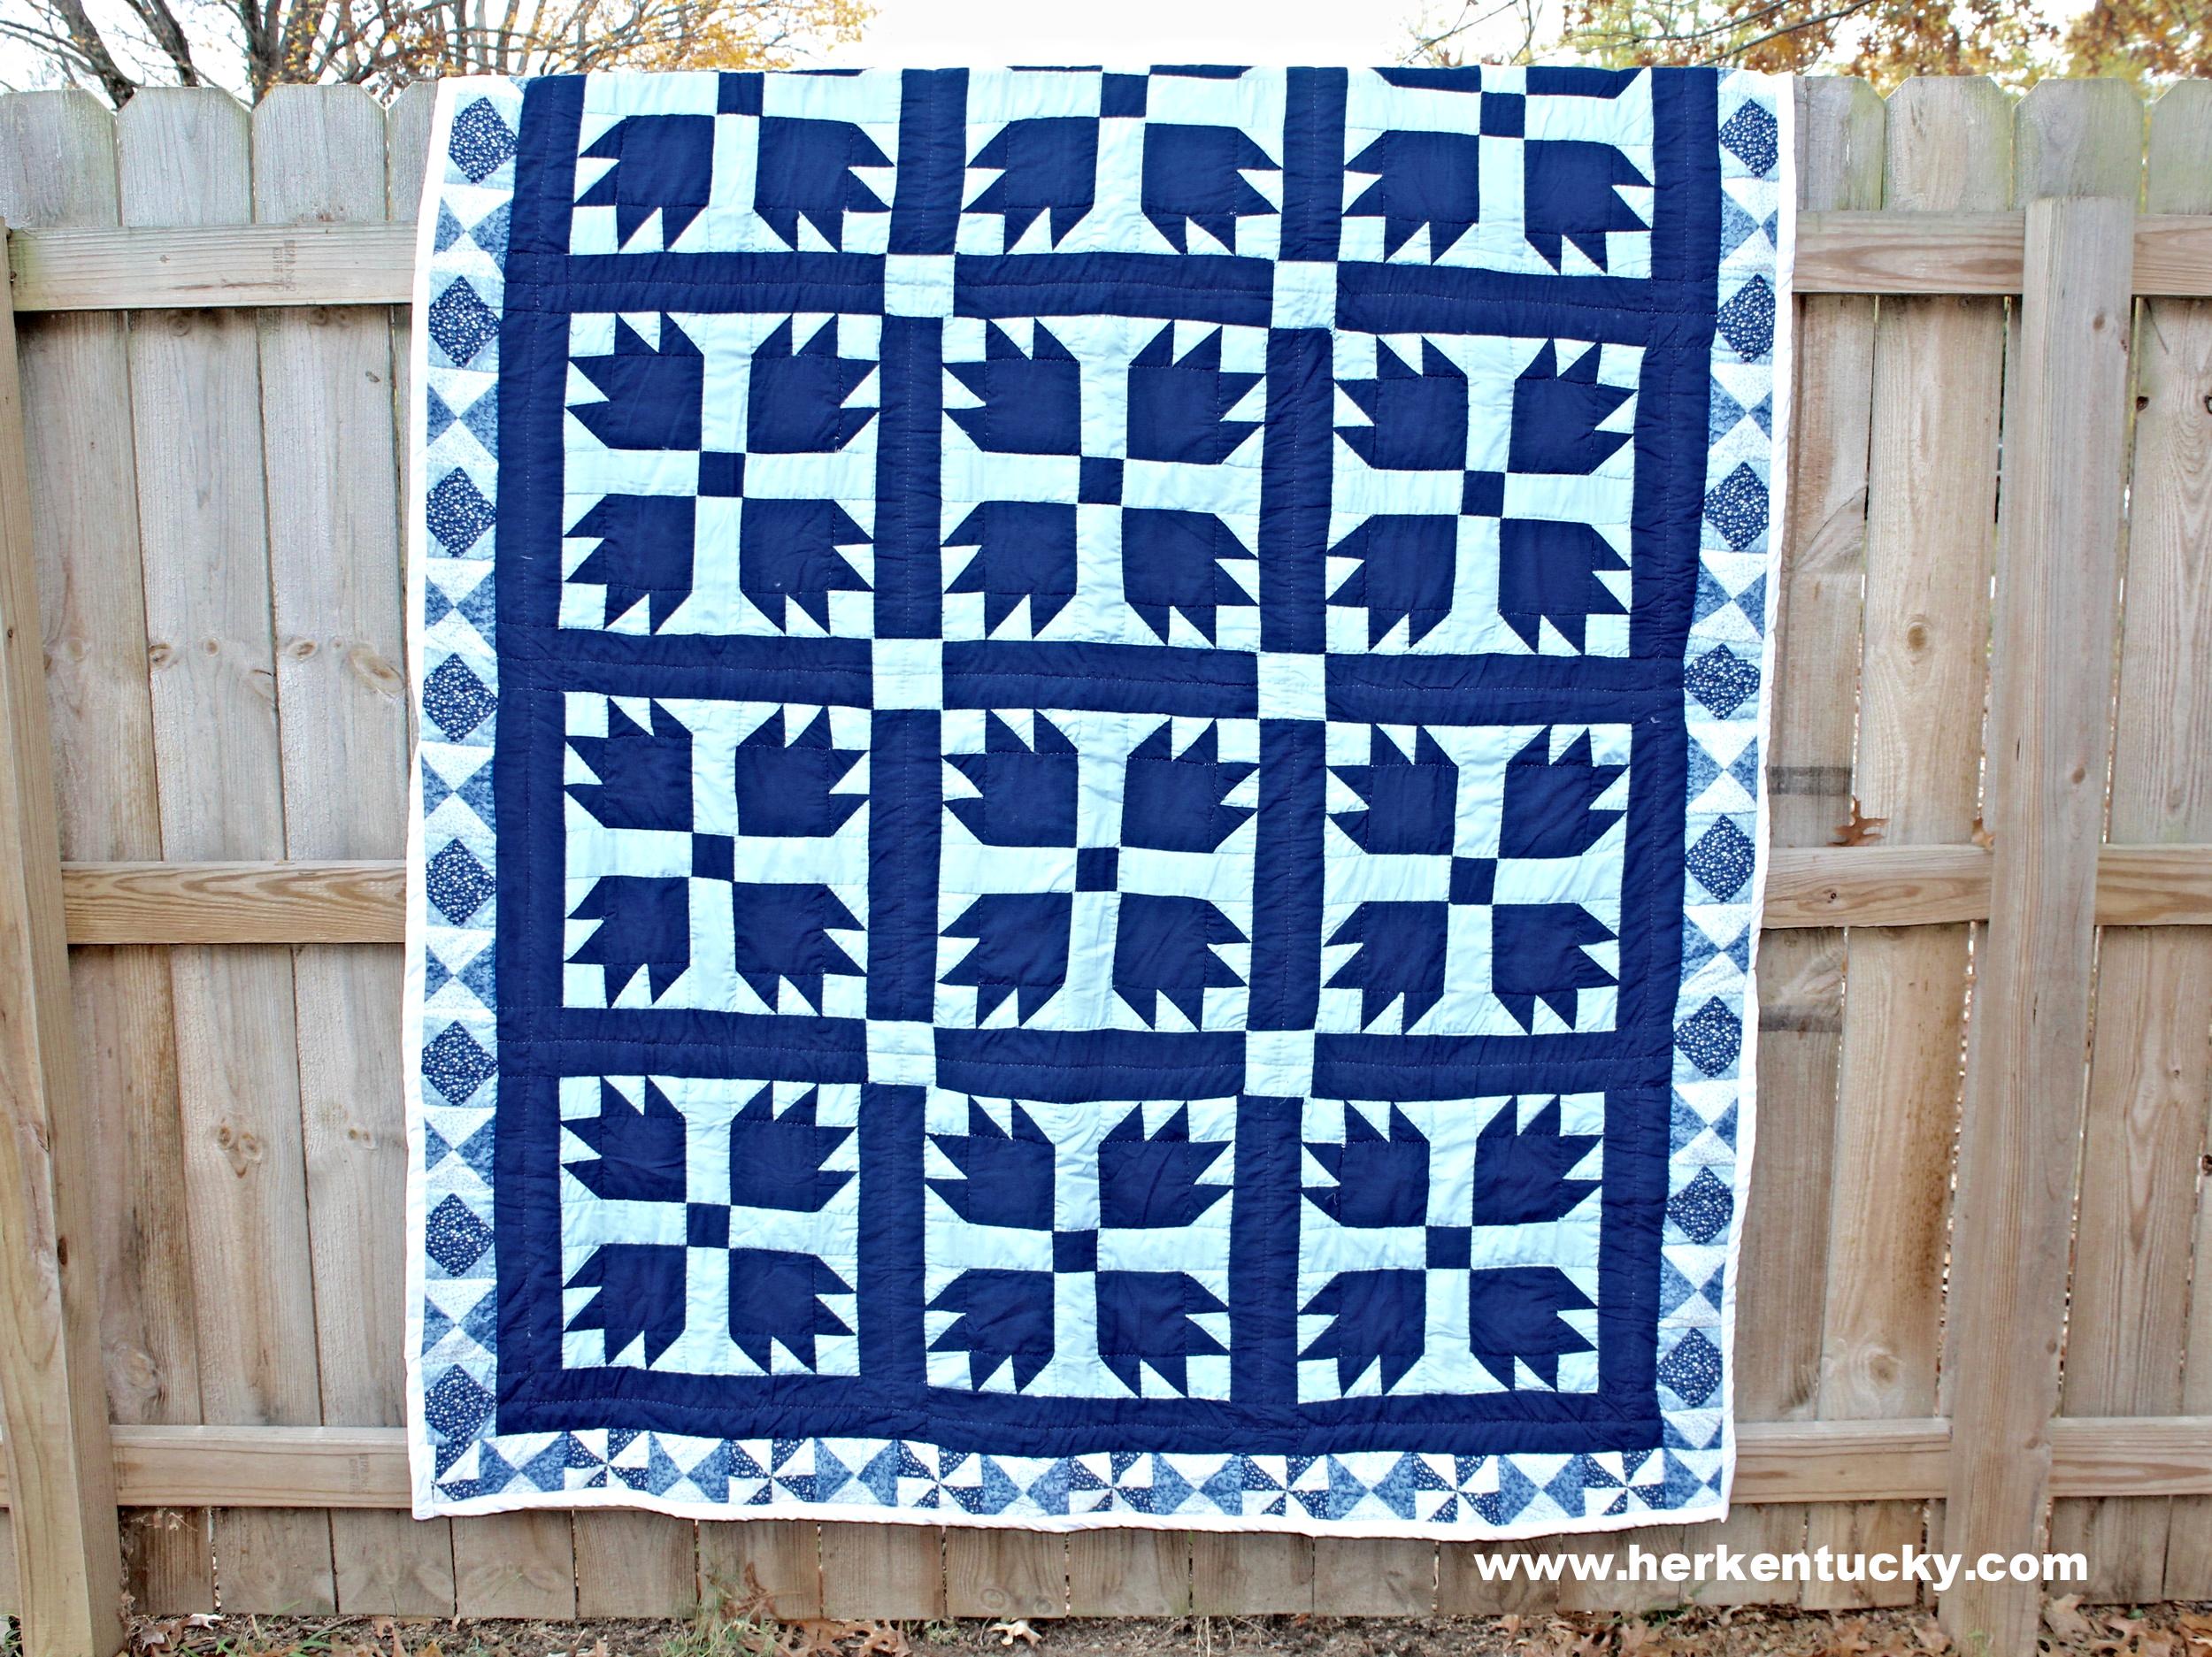 Blue + Navy Bear Paw Quilt | HerKentucky.com